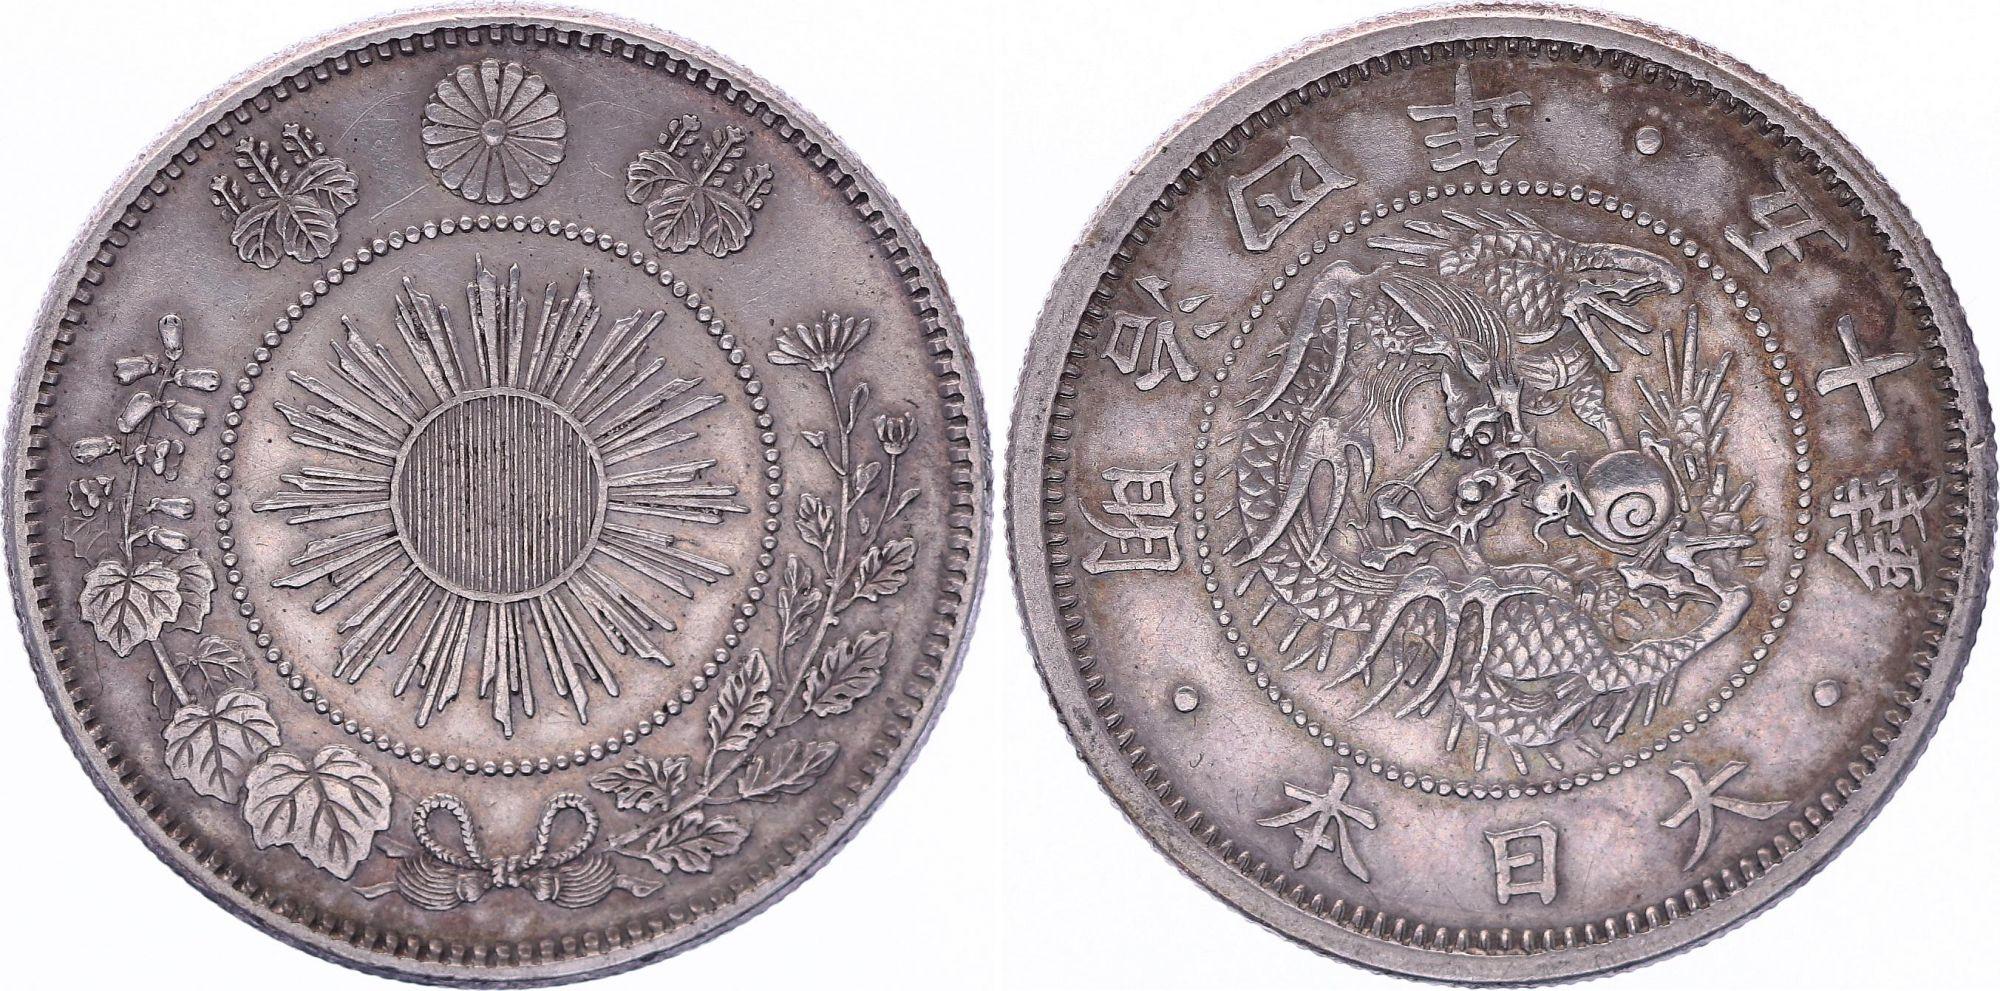 Japon 50 Sen Dragon - 1871 Meiji An 4